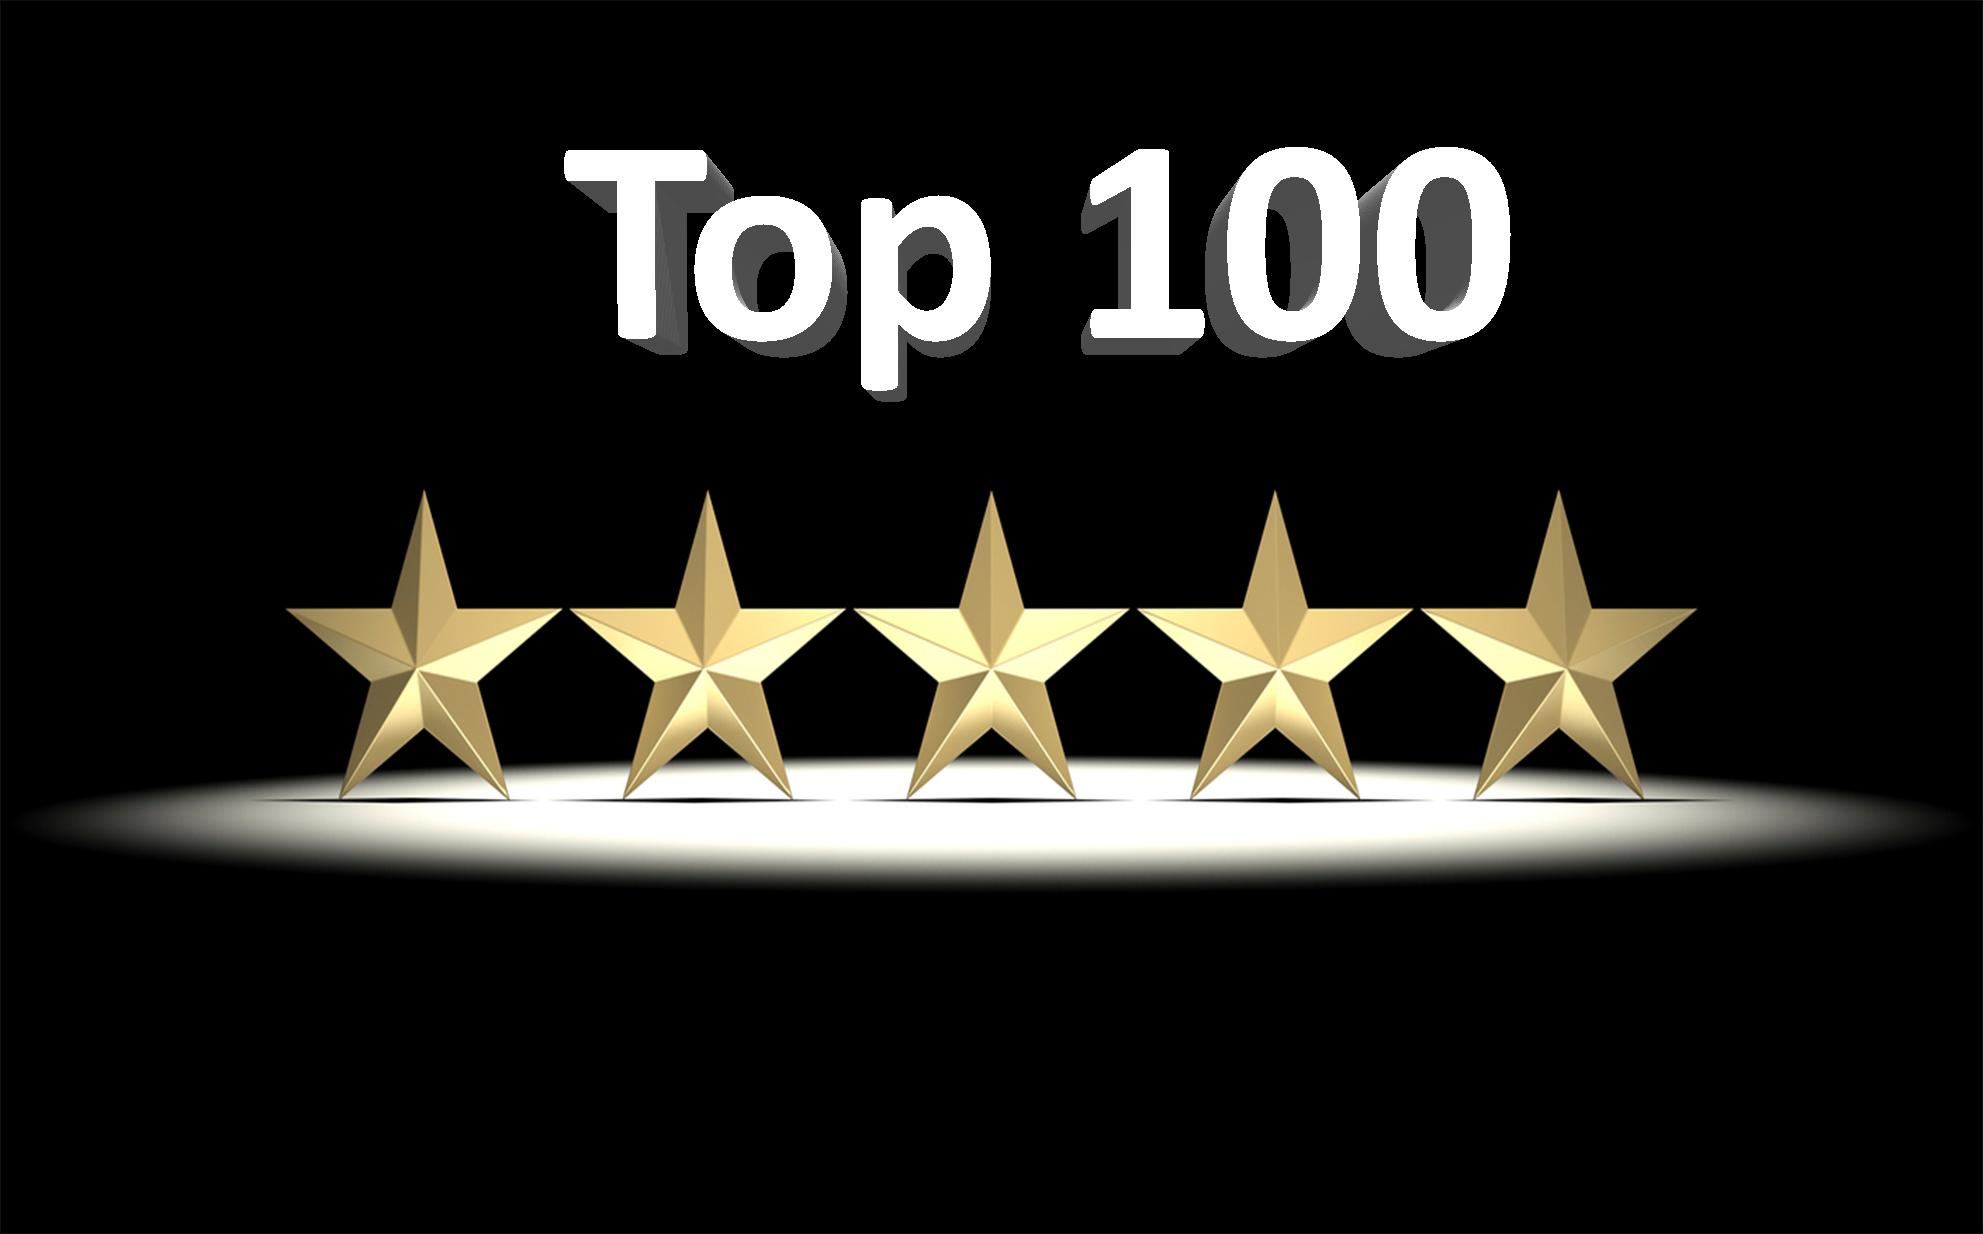 Industrial IoT Top 100